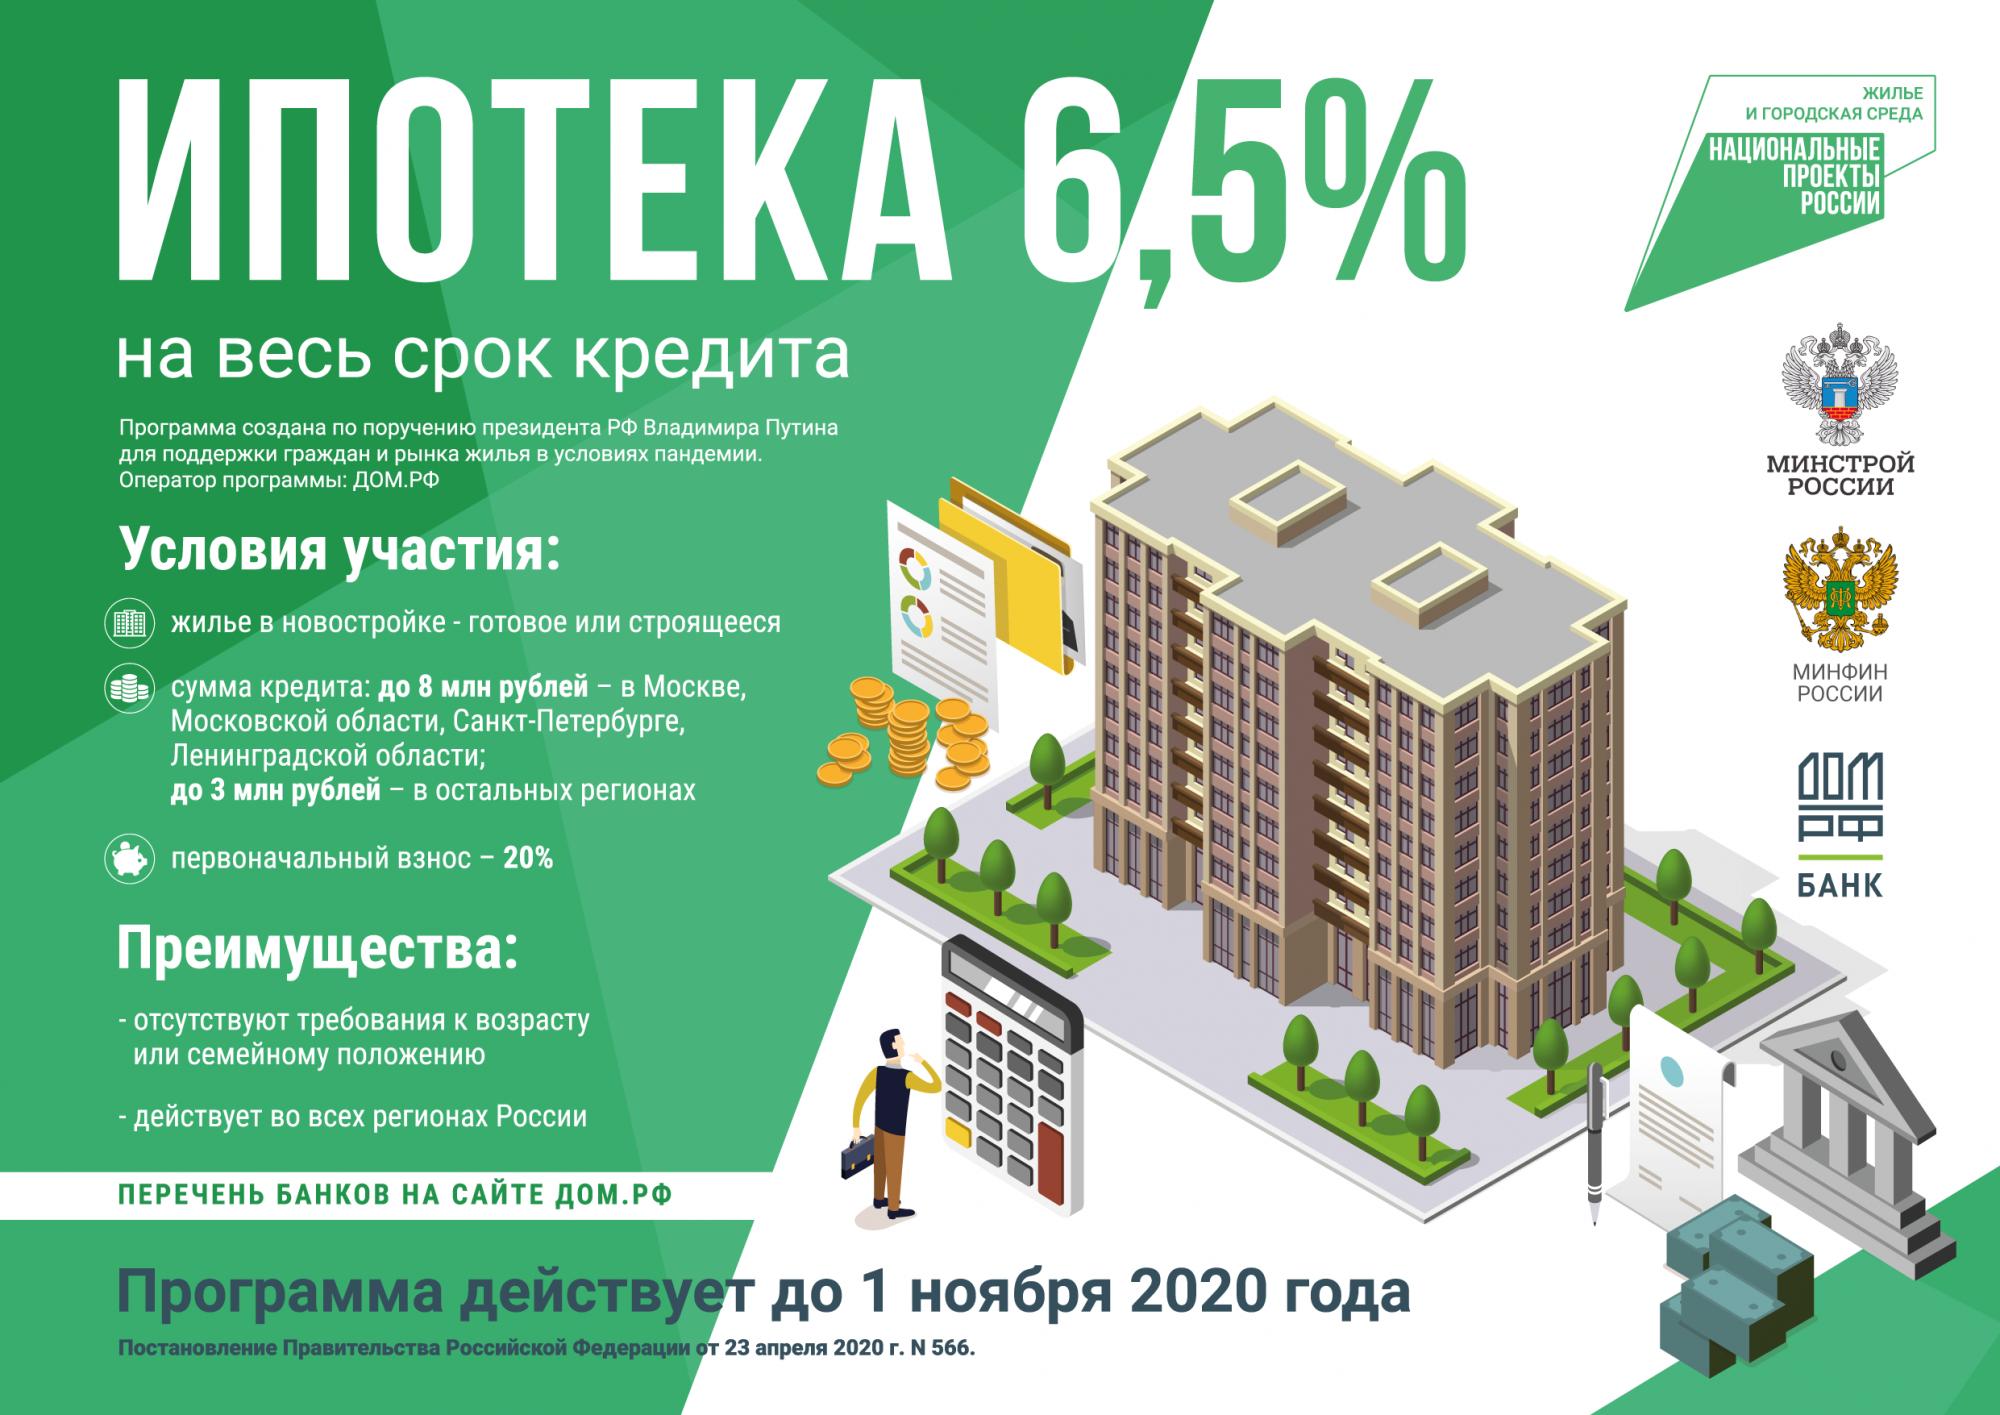 Россельхозбанк - сельская ипотека - условия, проценты